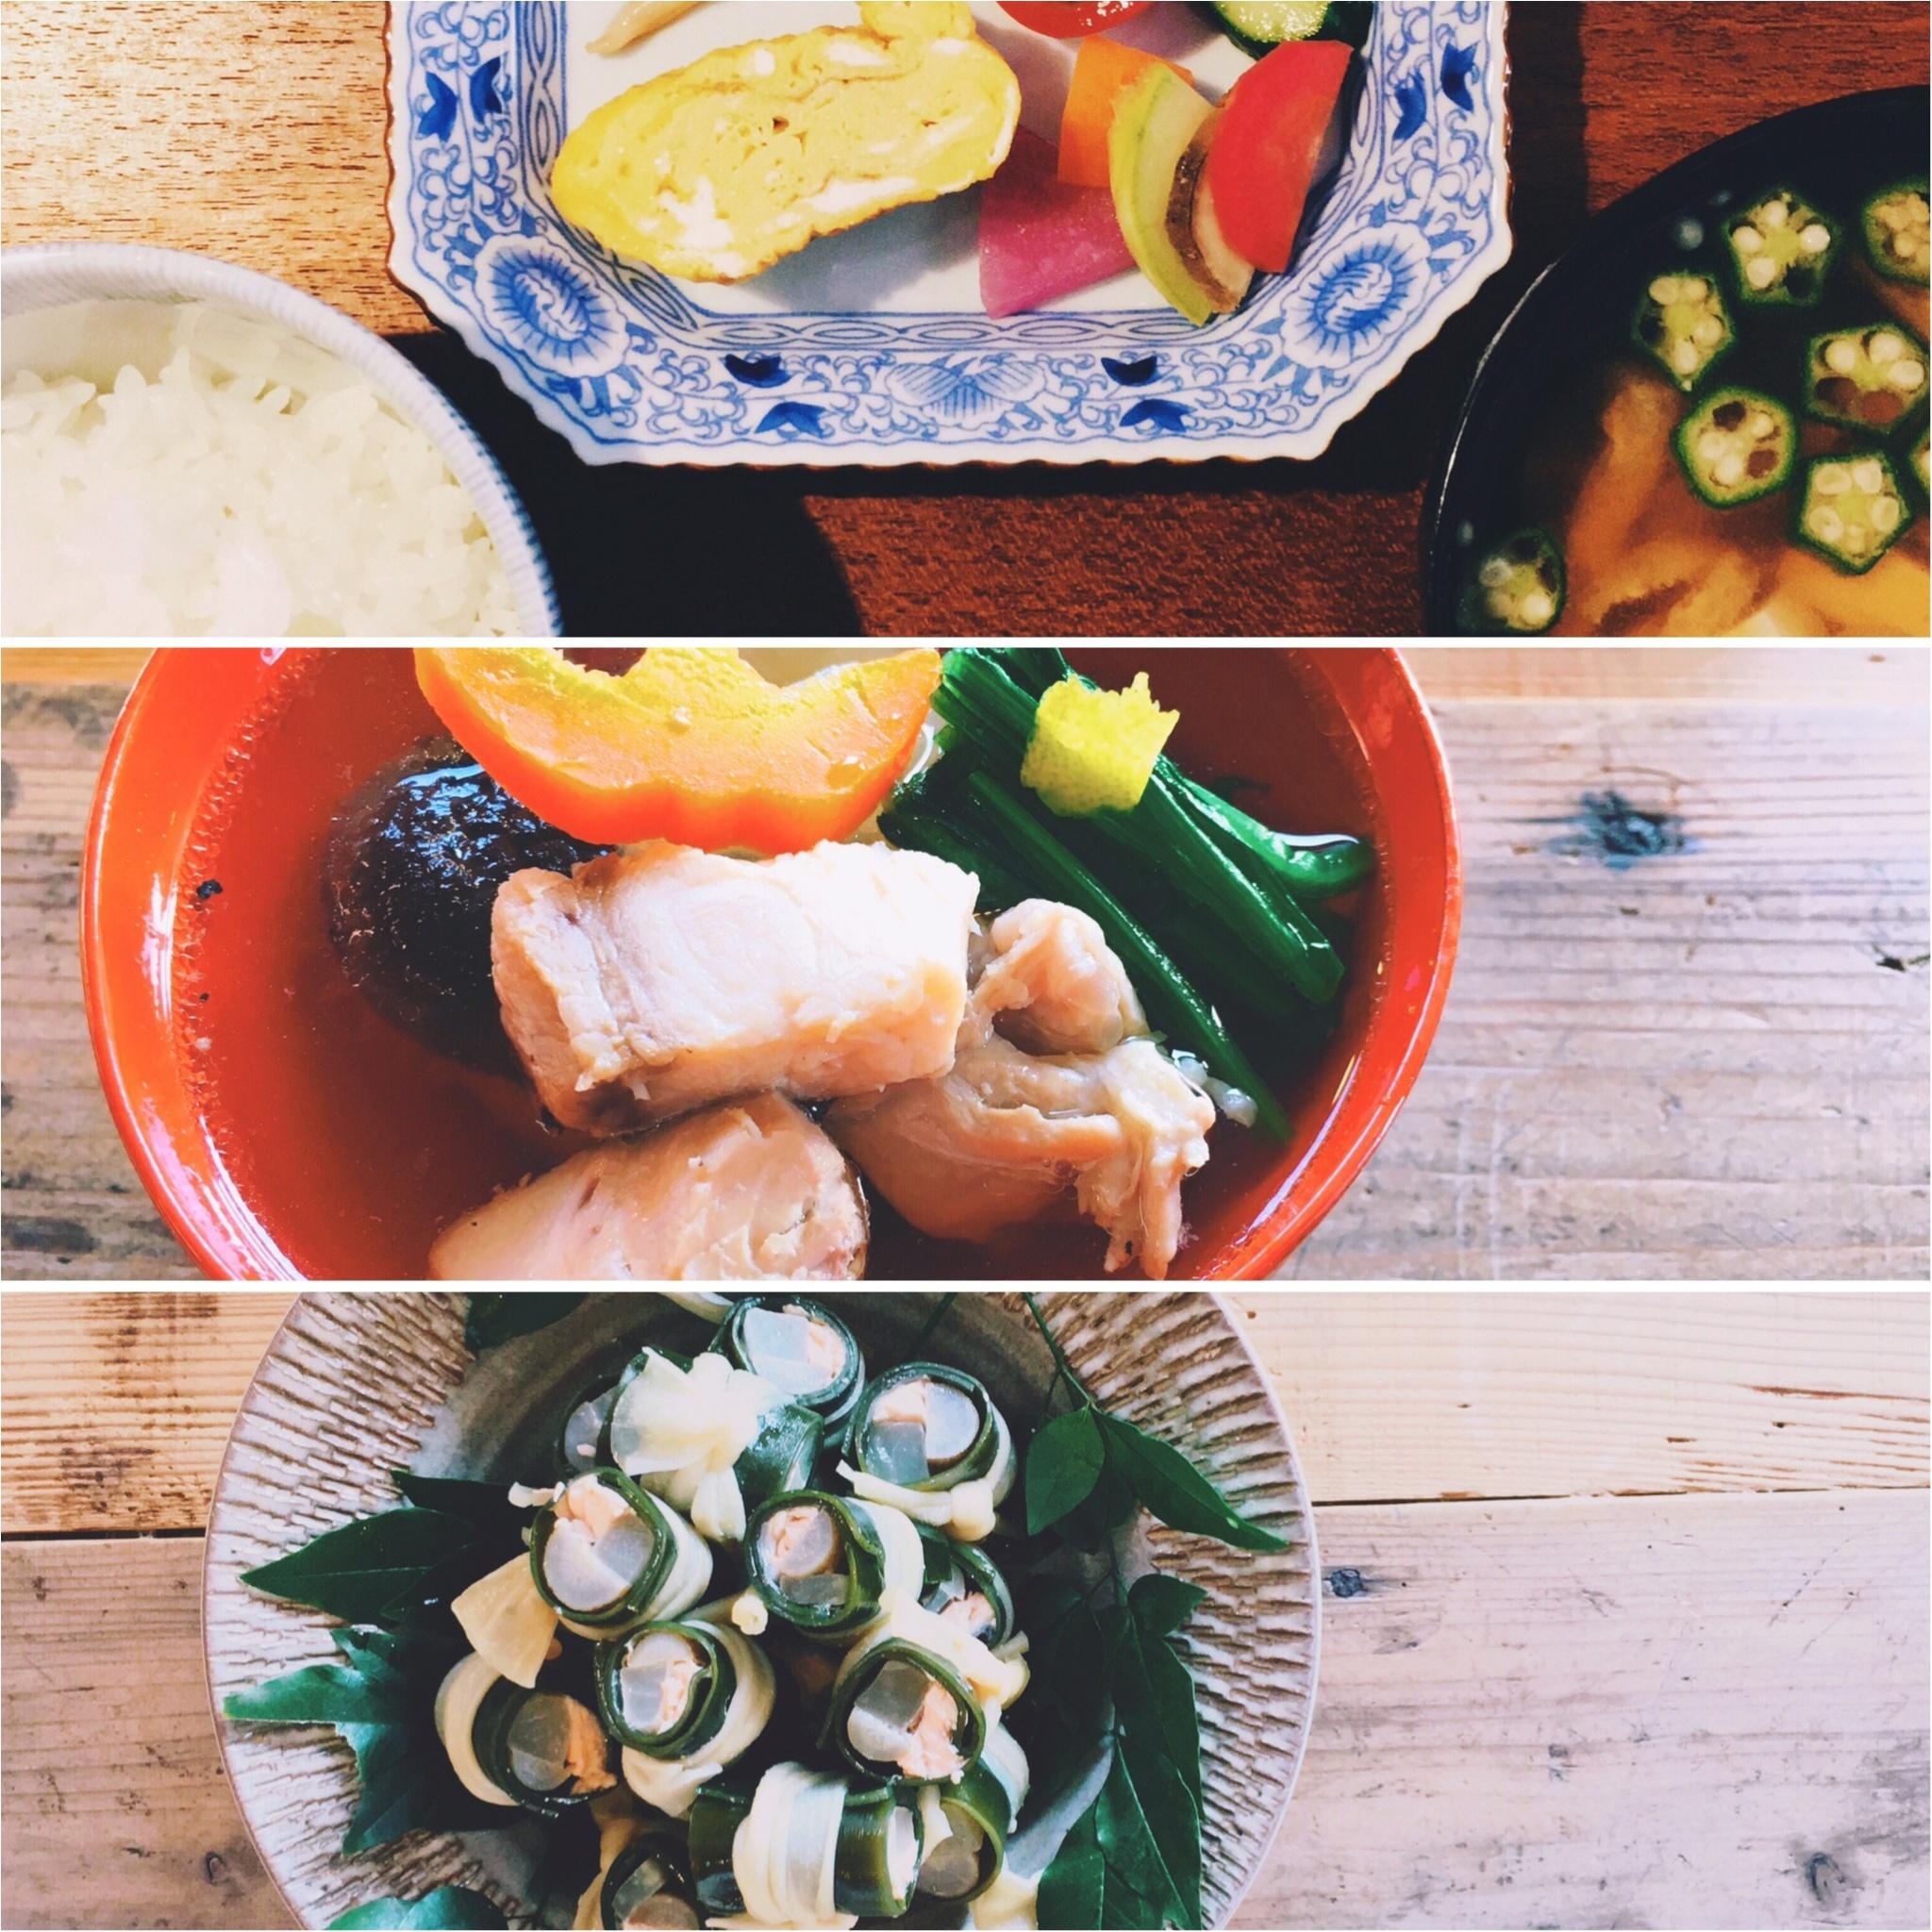 お米がこんなにも美味しい!銀座おすすめ和食処!からだが元気になる丁寧なお食事(*´︶`*)♡_4